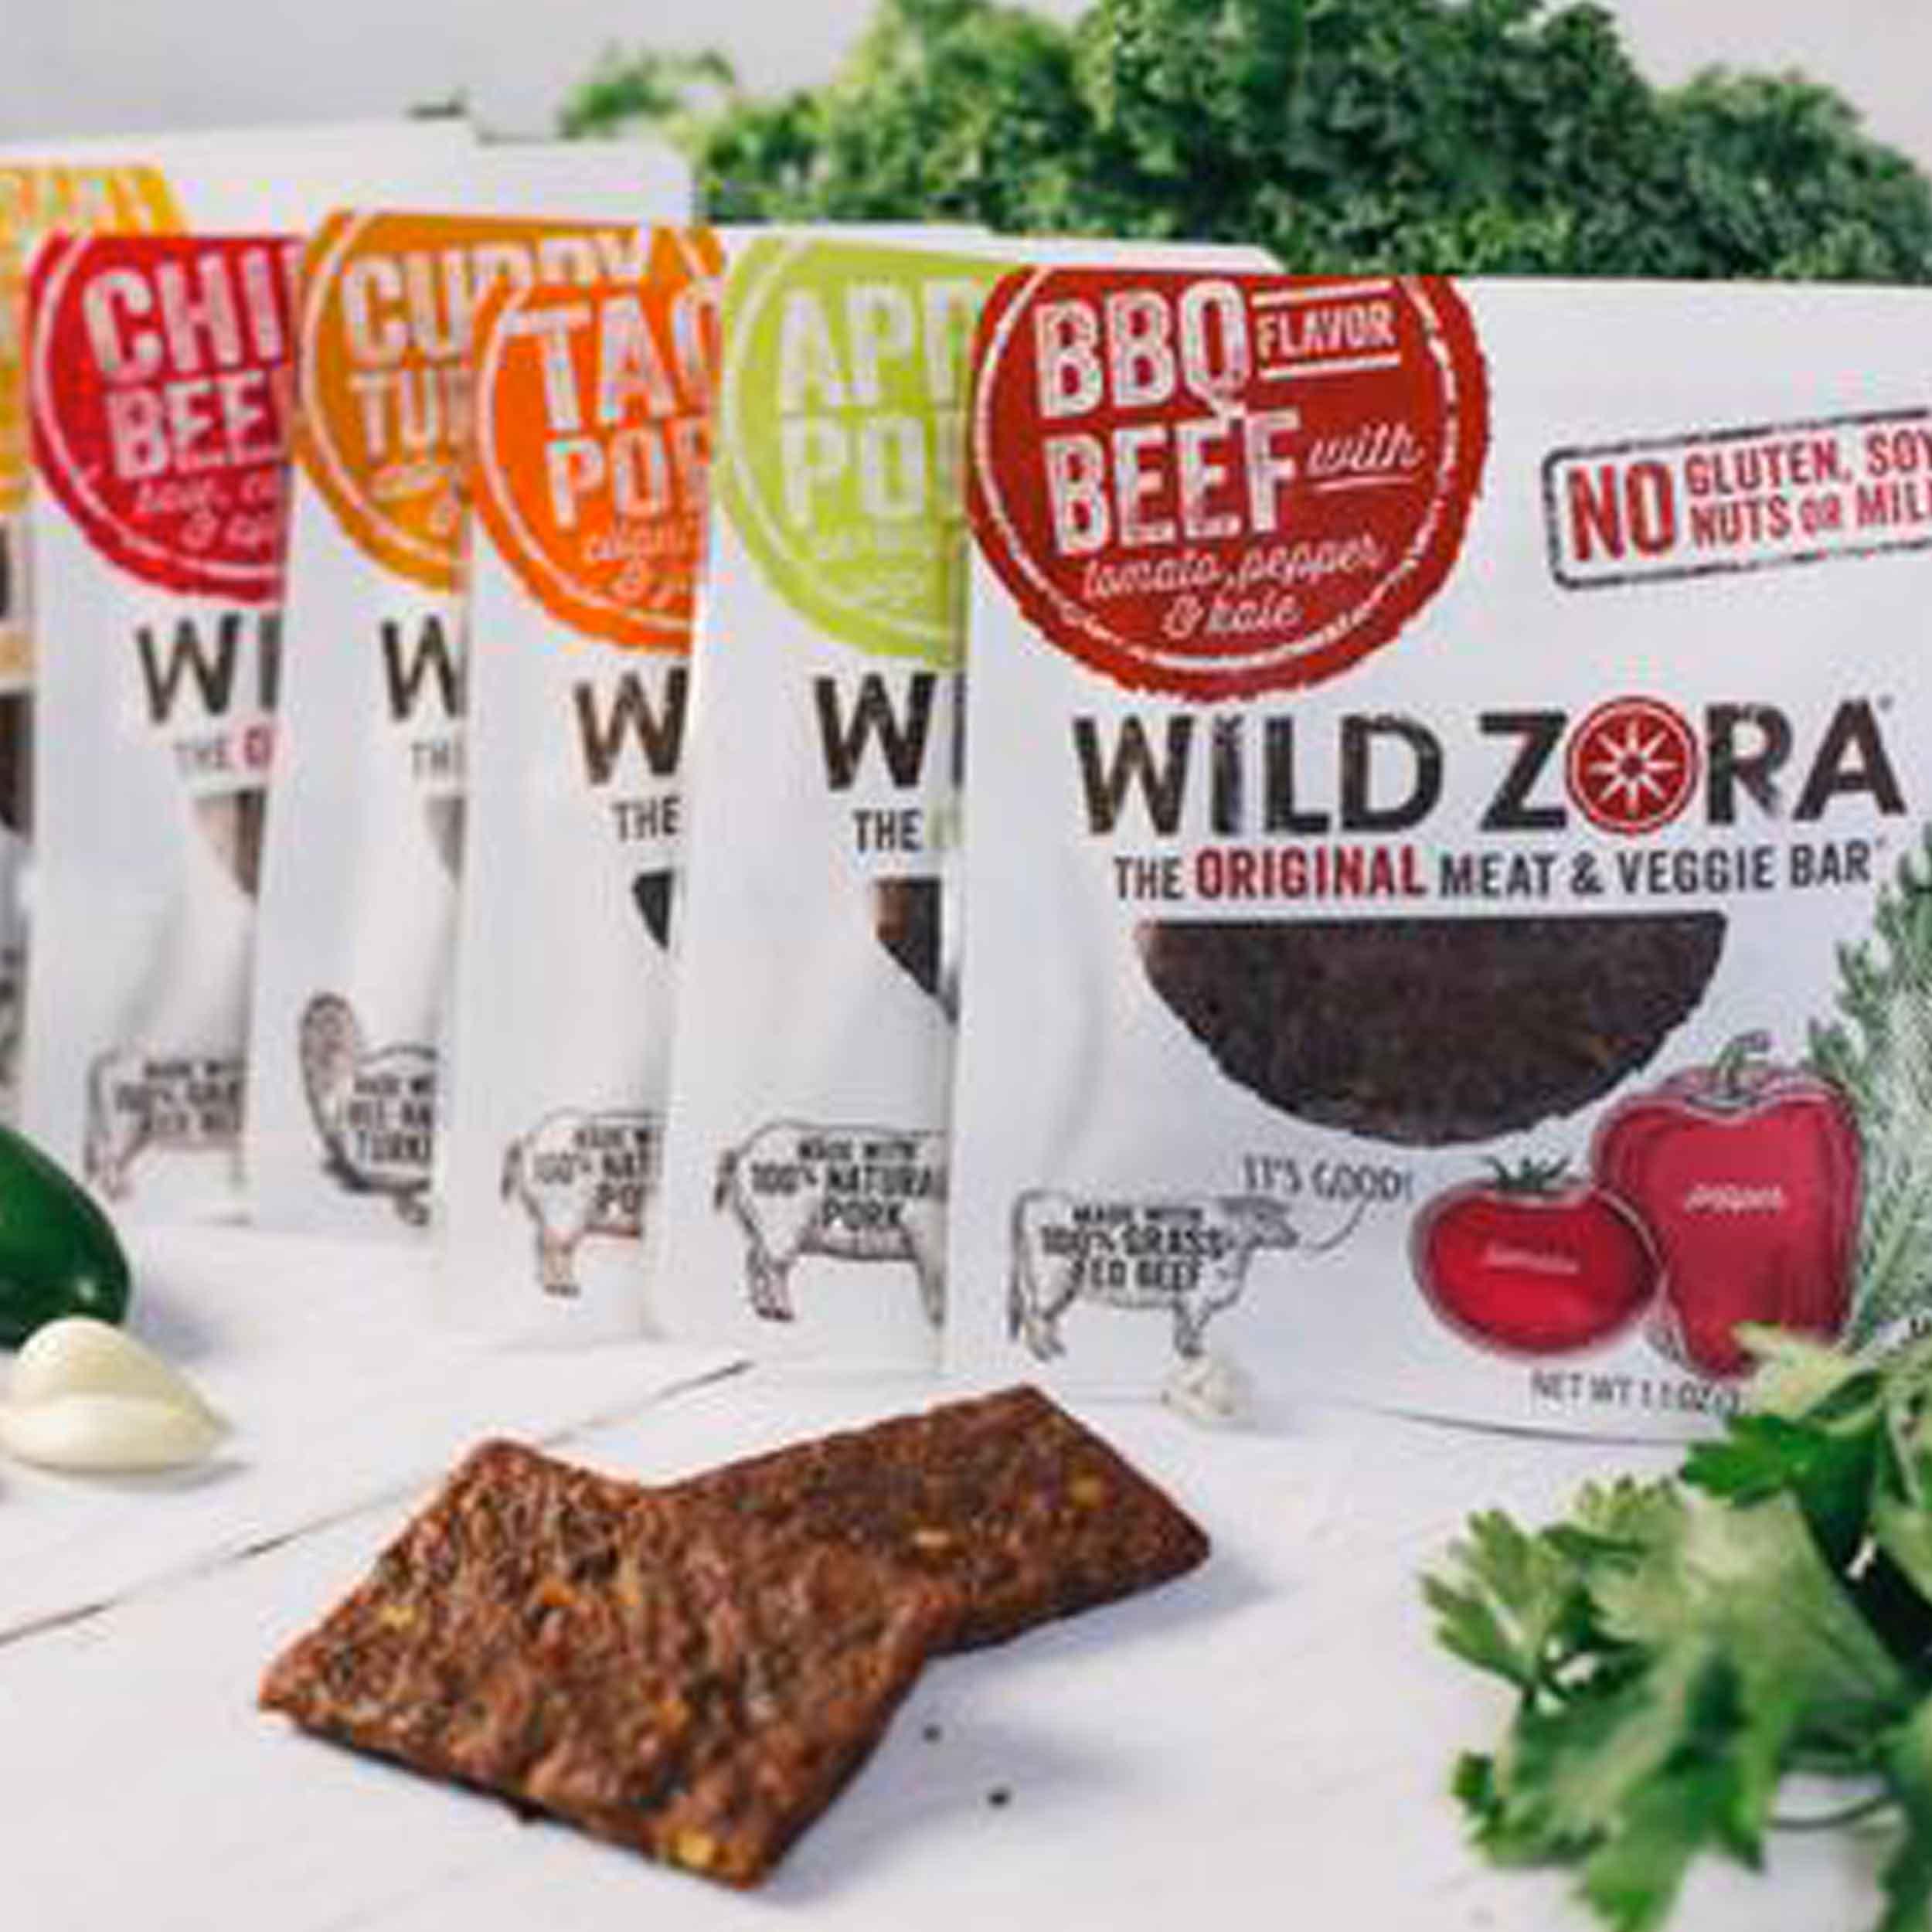 Find Your Better Wild Zora